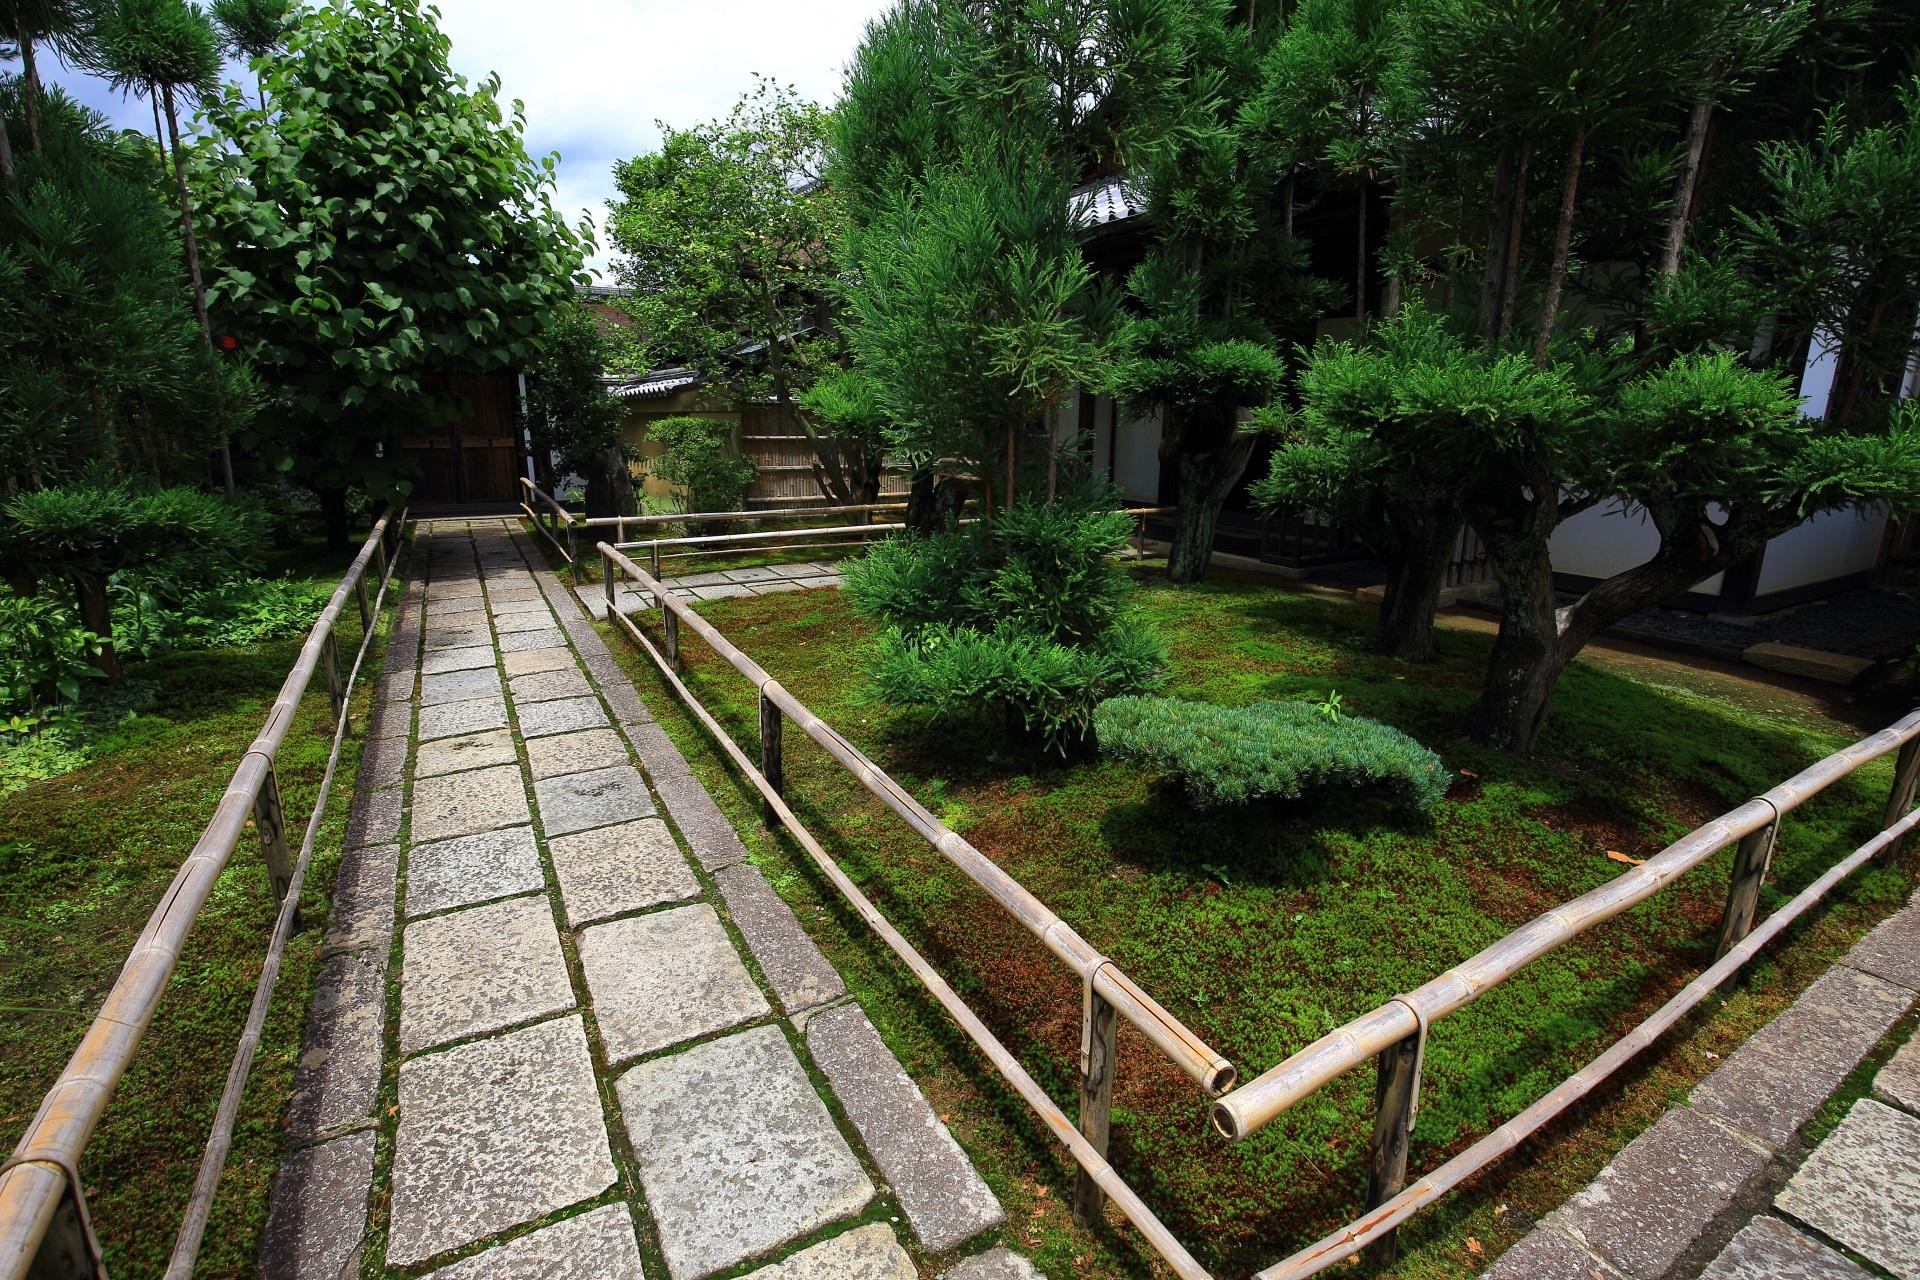 多種多様な植物や緑が配された瑞峯院の石畳の参道